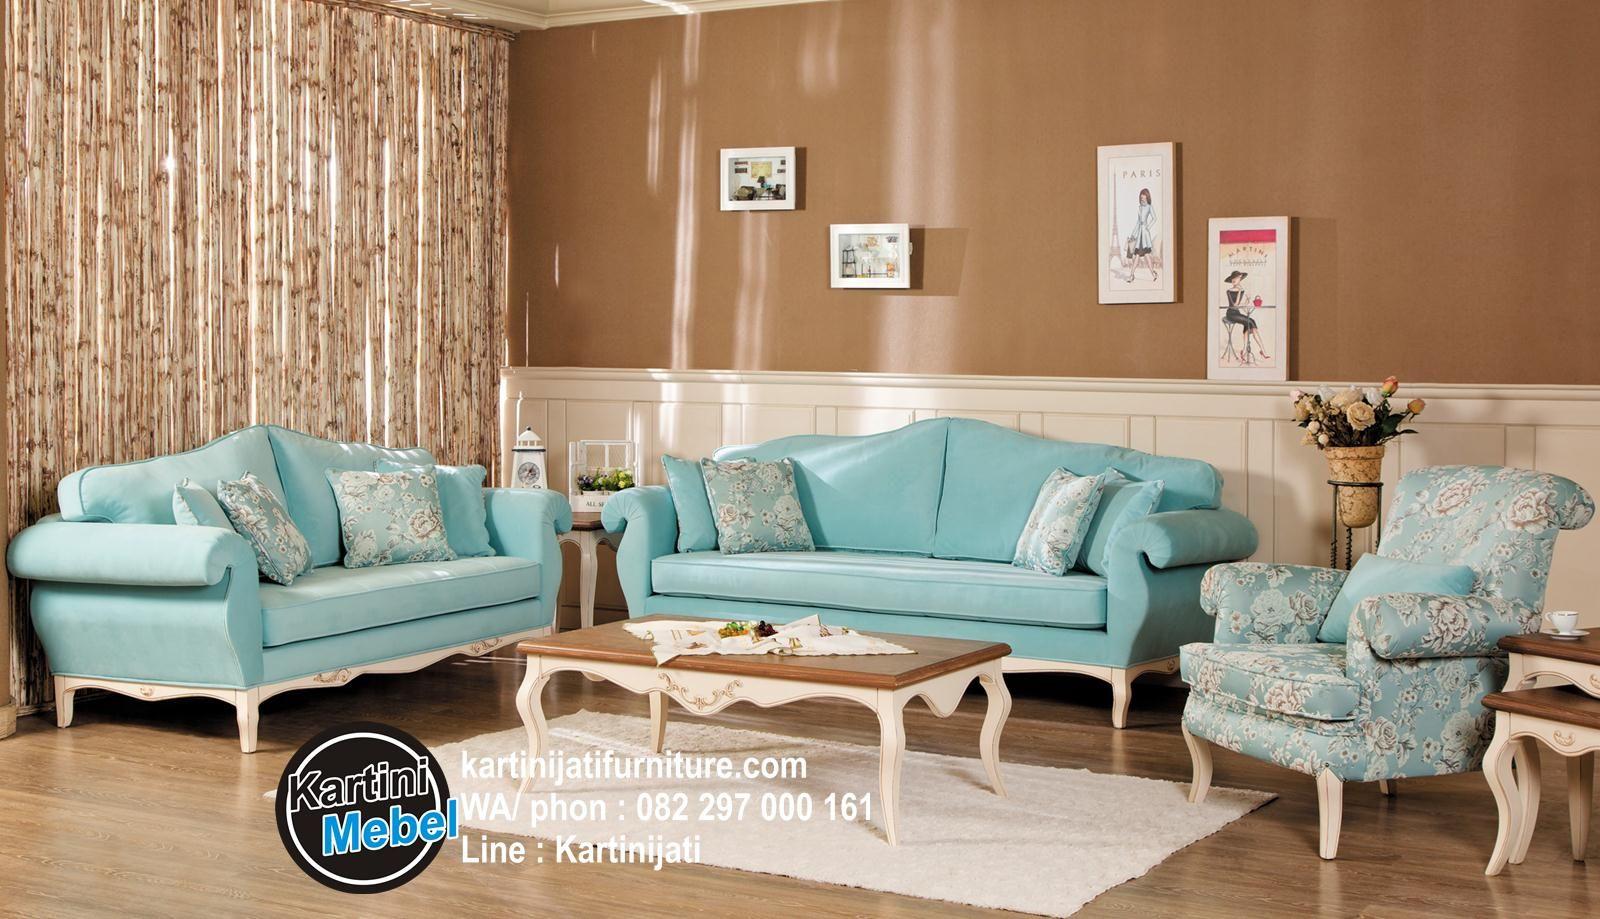 Harga kusi sofa modern mebel jepara, set kursi sofa